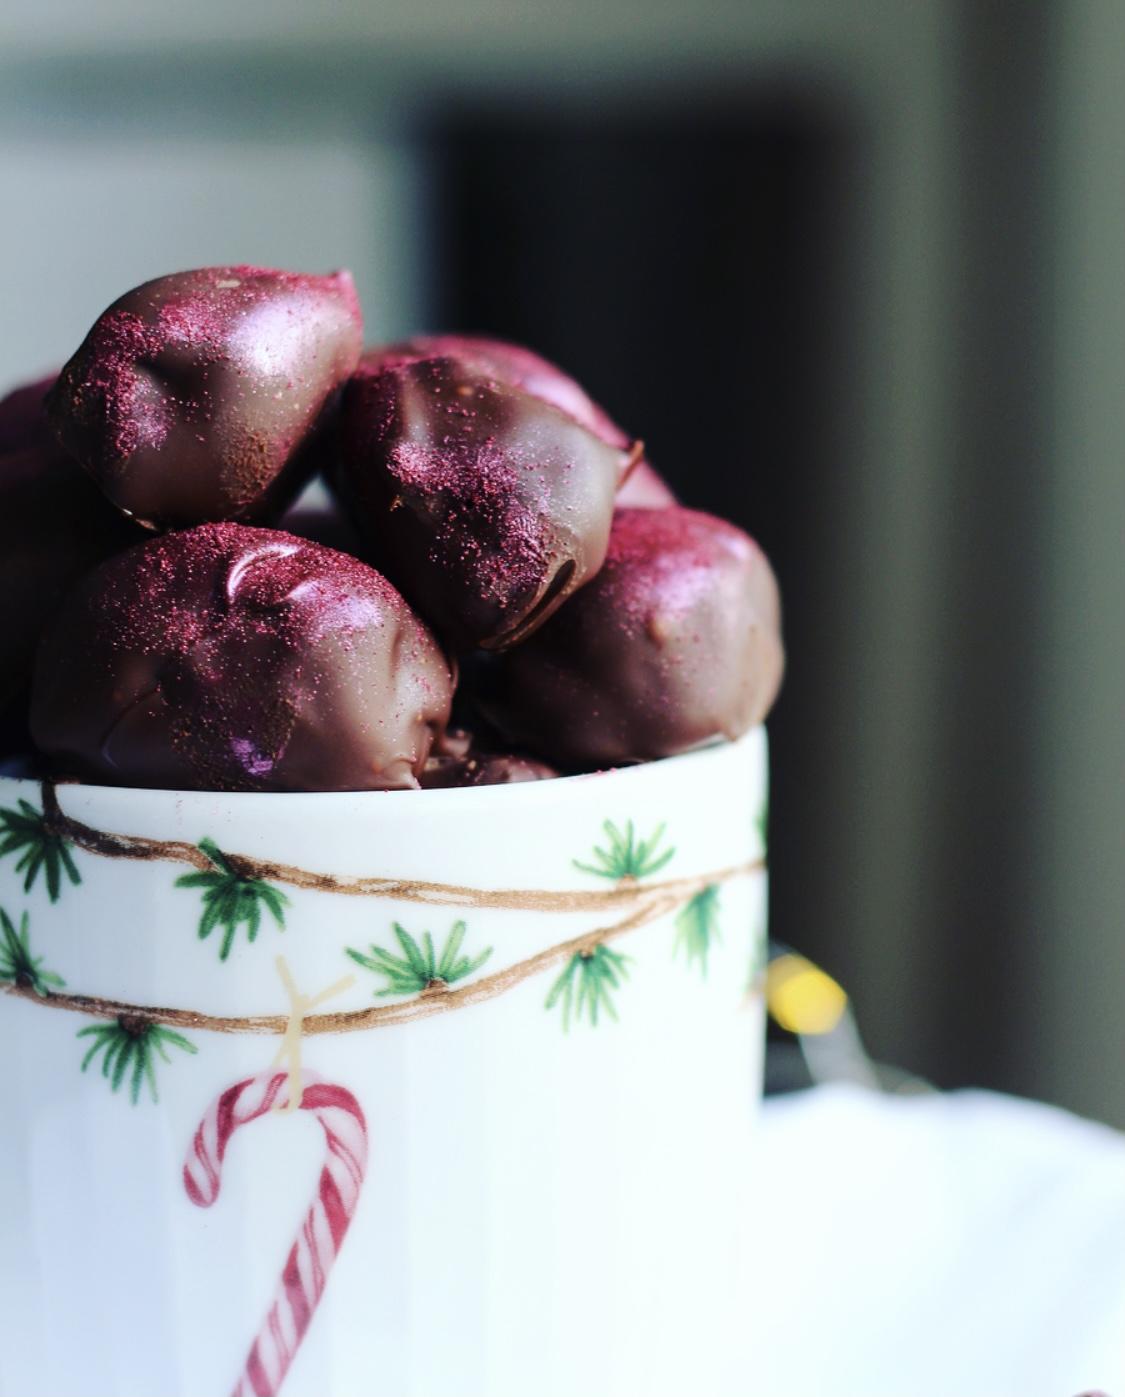 Dadelkonfekt med kirsebærfyld